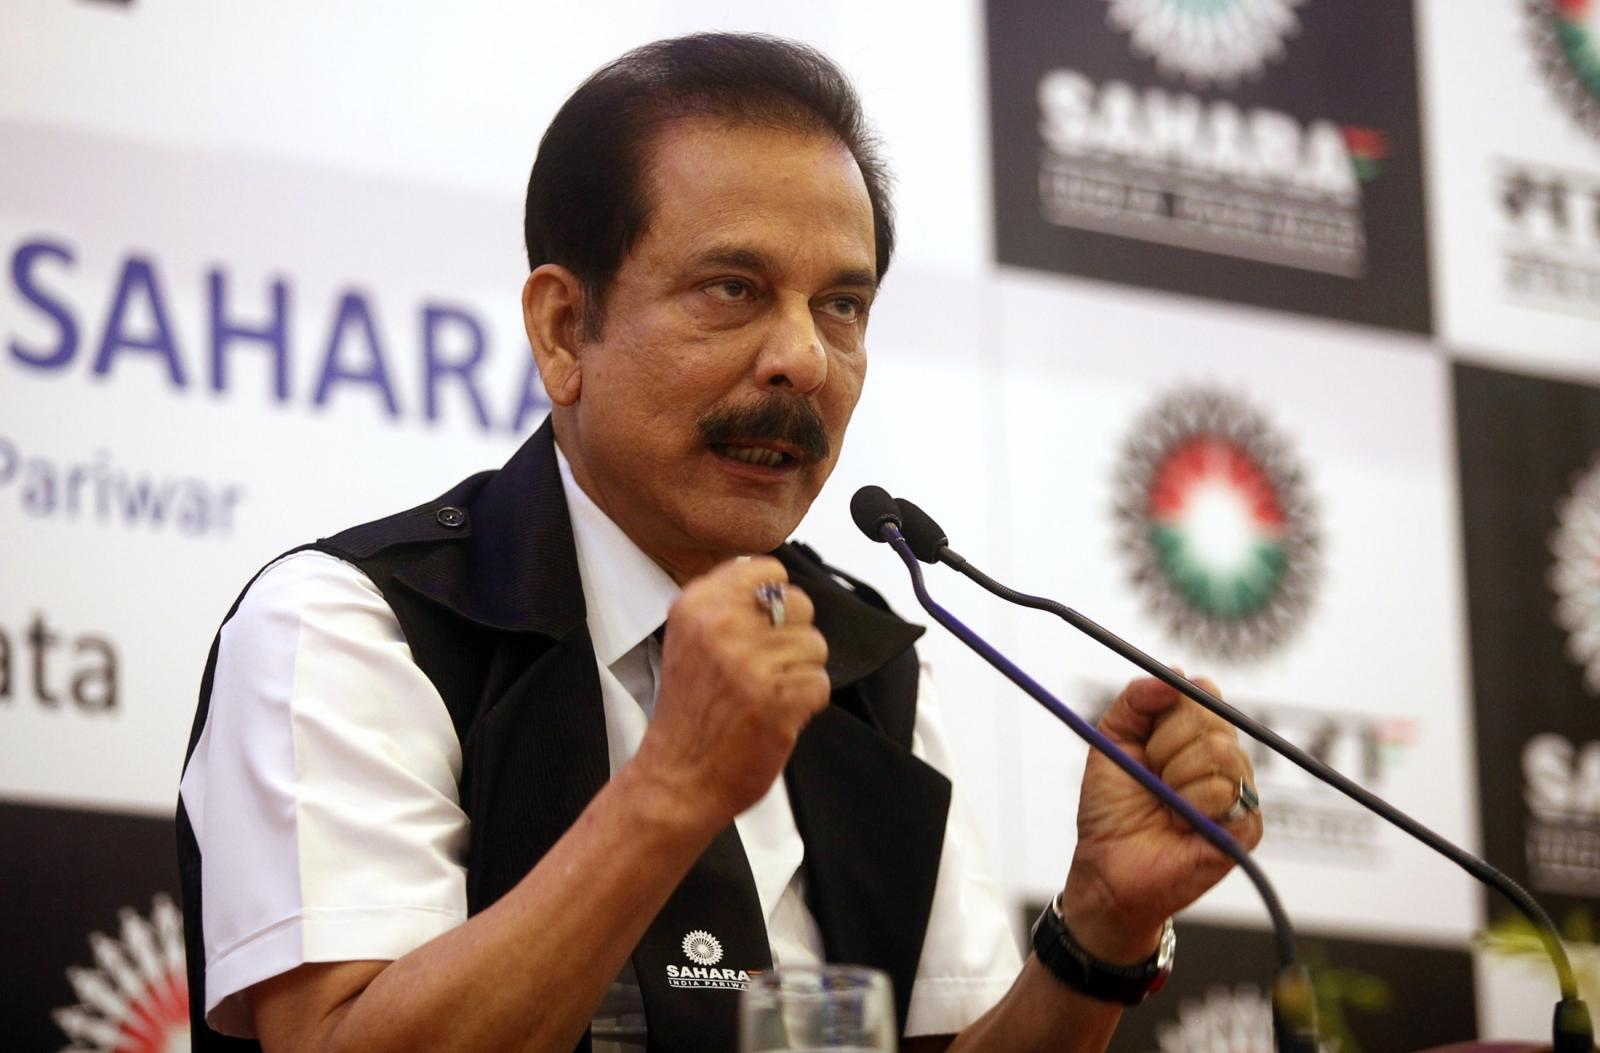 Sahara India Pariwar's Subrata Roy